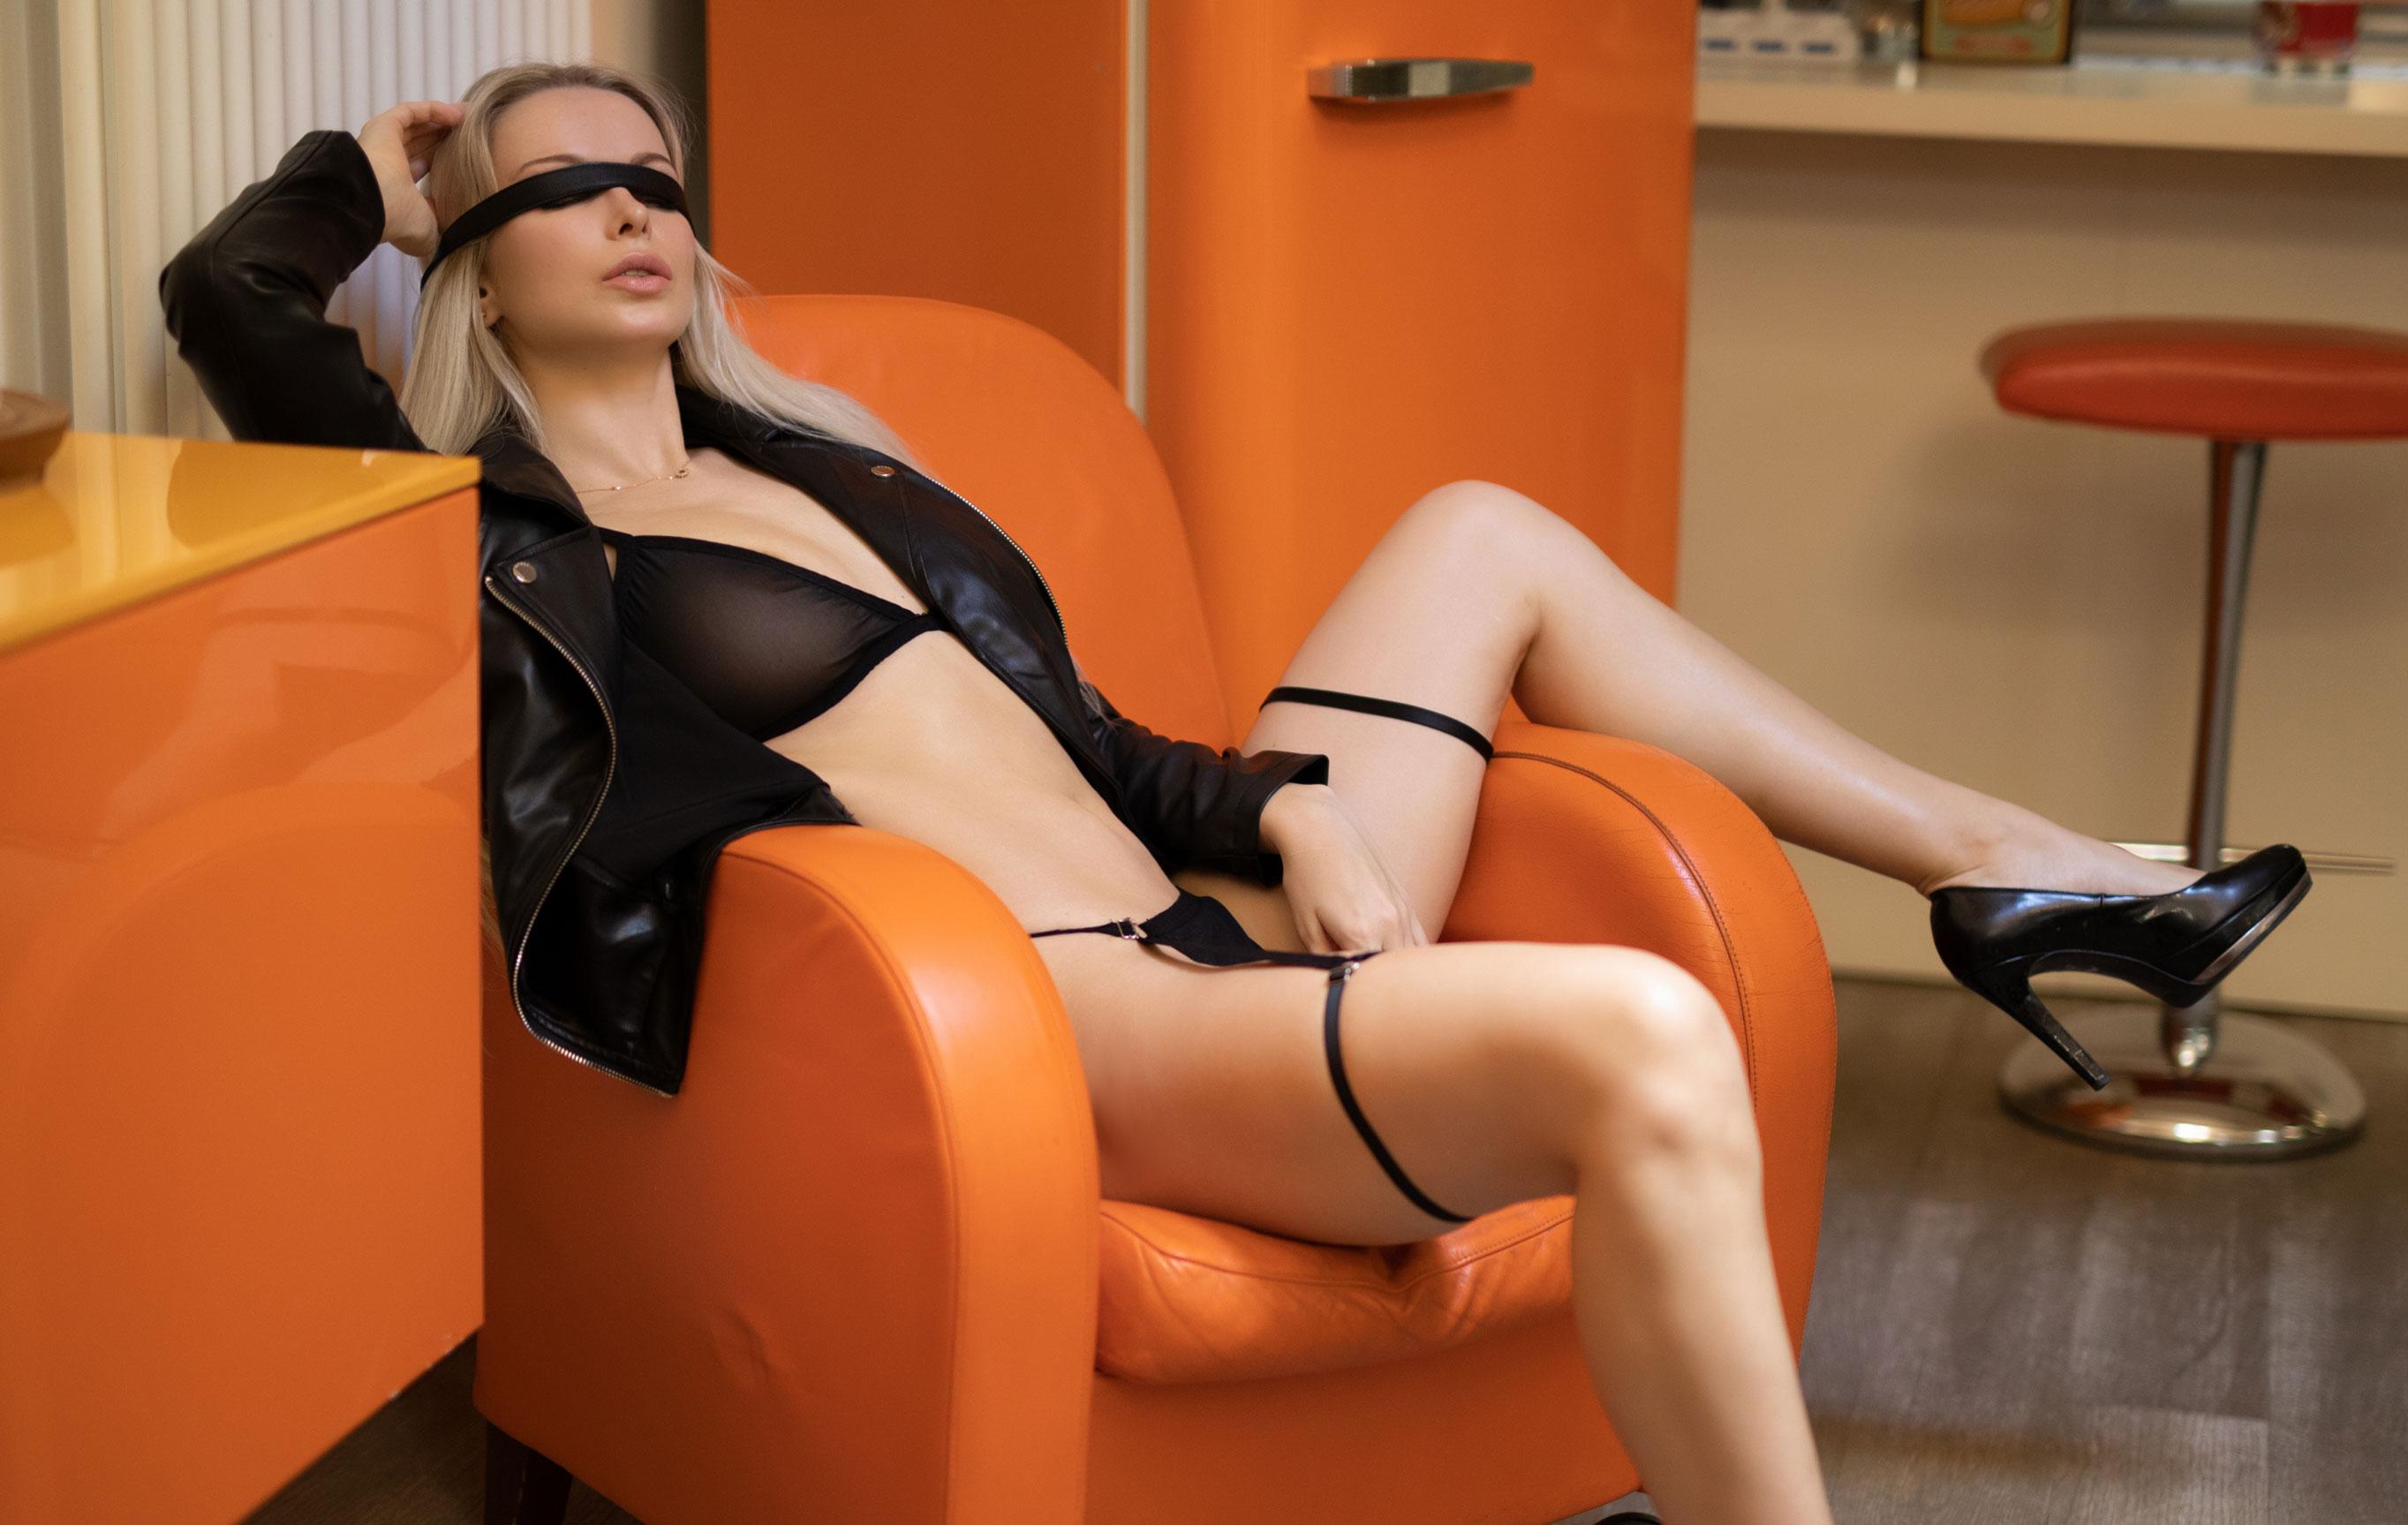 Екатерина Енокаева в черном белье и кожанке в винтажных интерьерах / фото 01